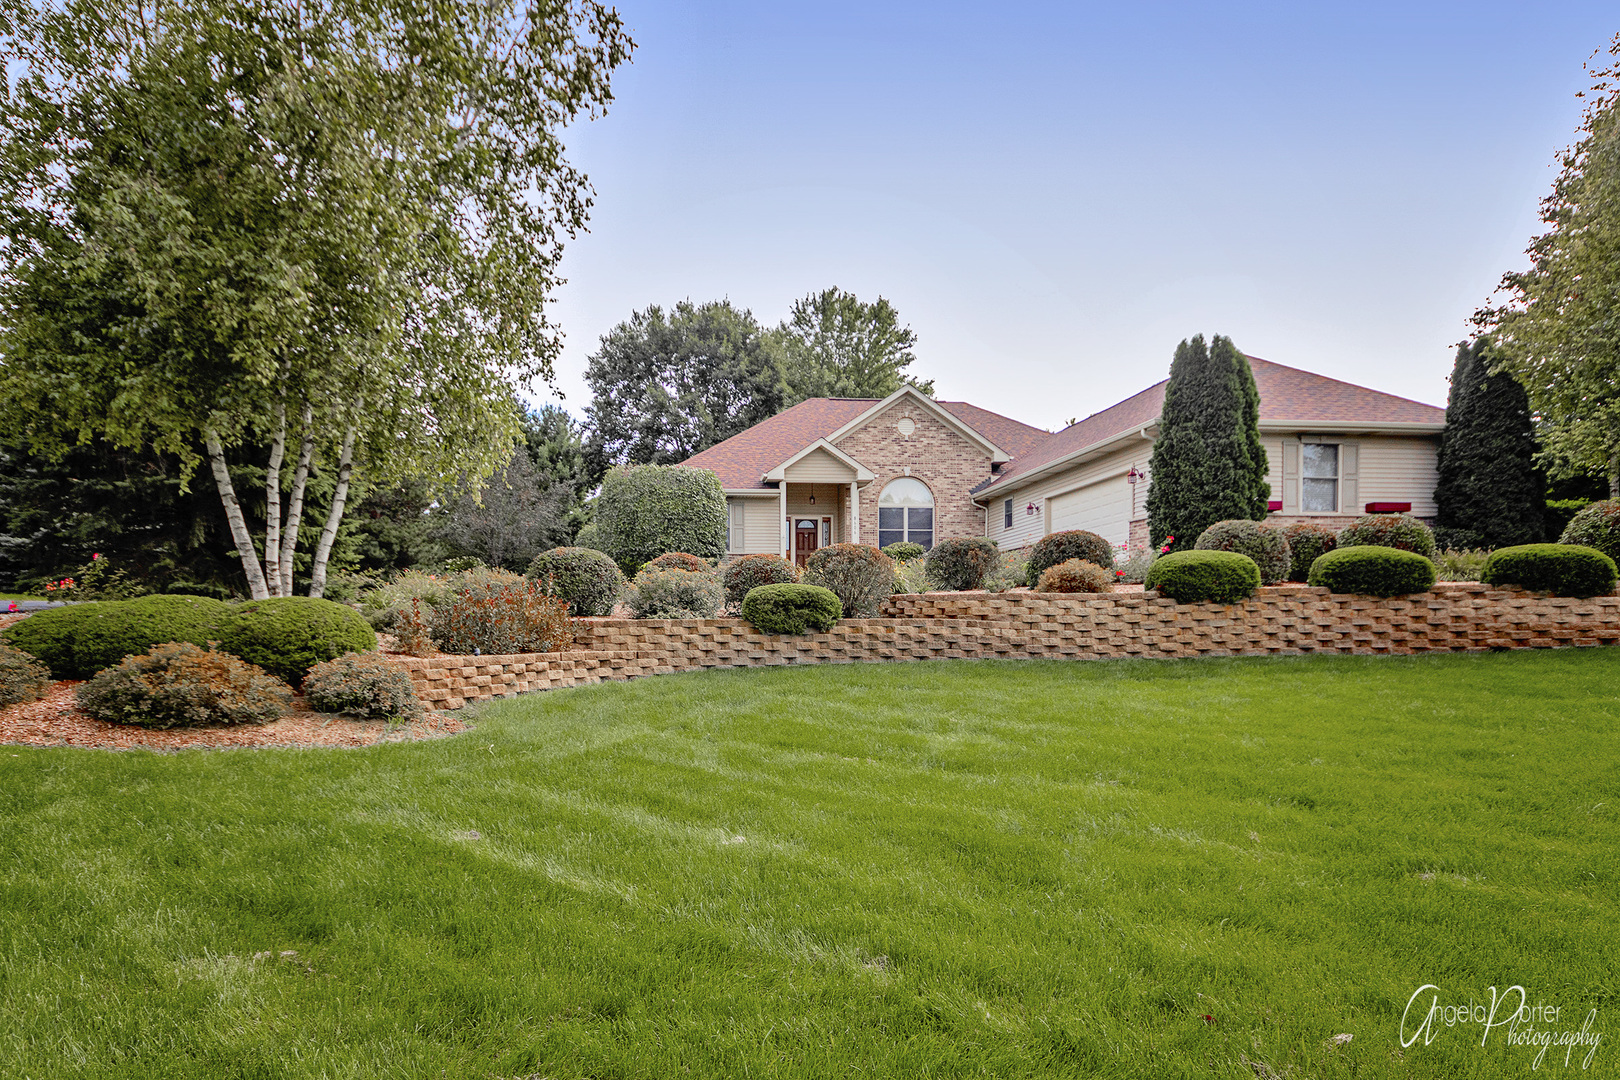 8606 SQUIRREL, Spring Grove, Illinois, 60081